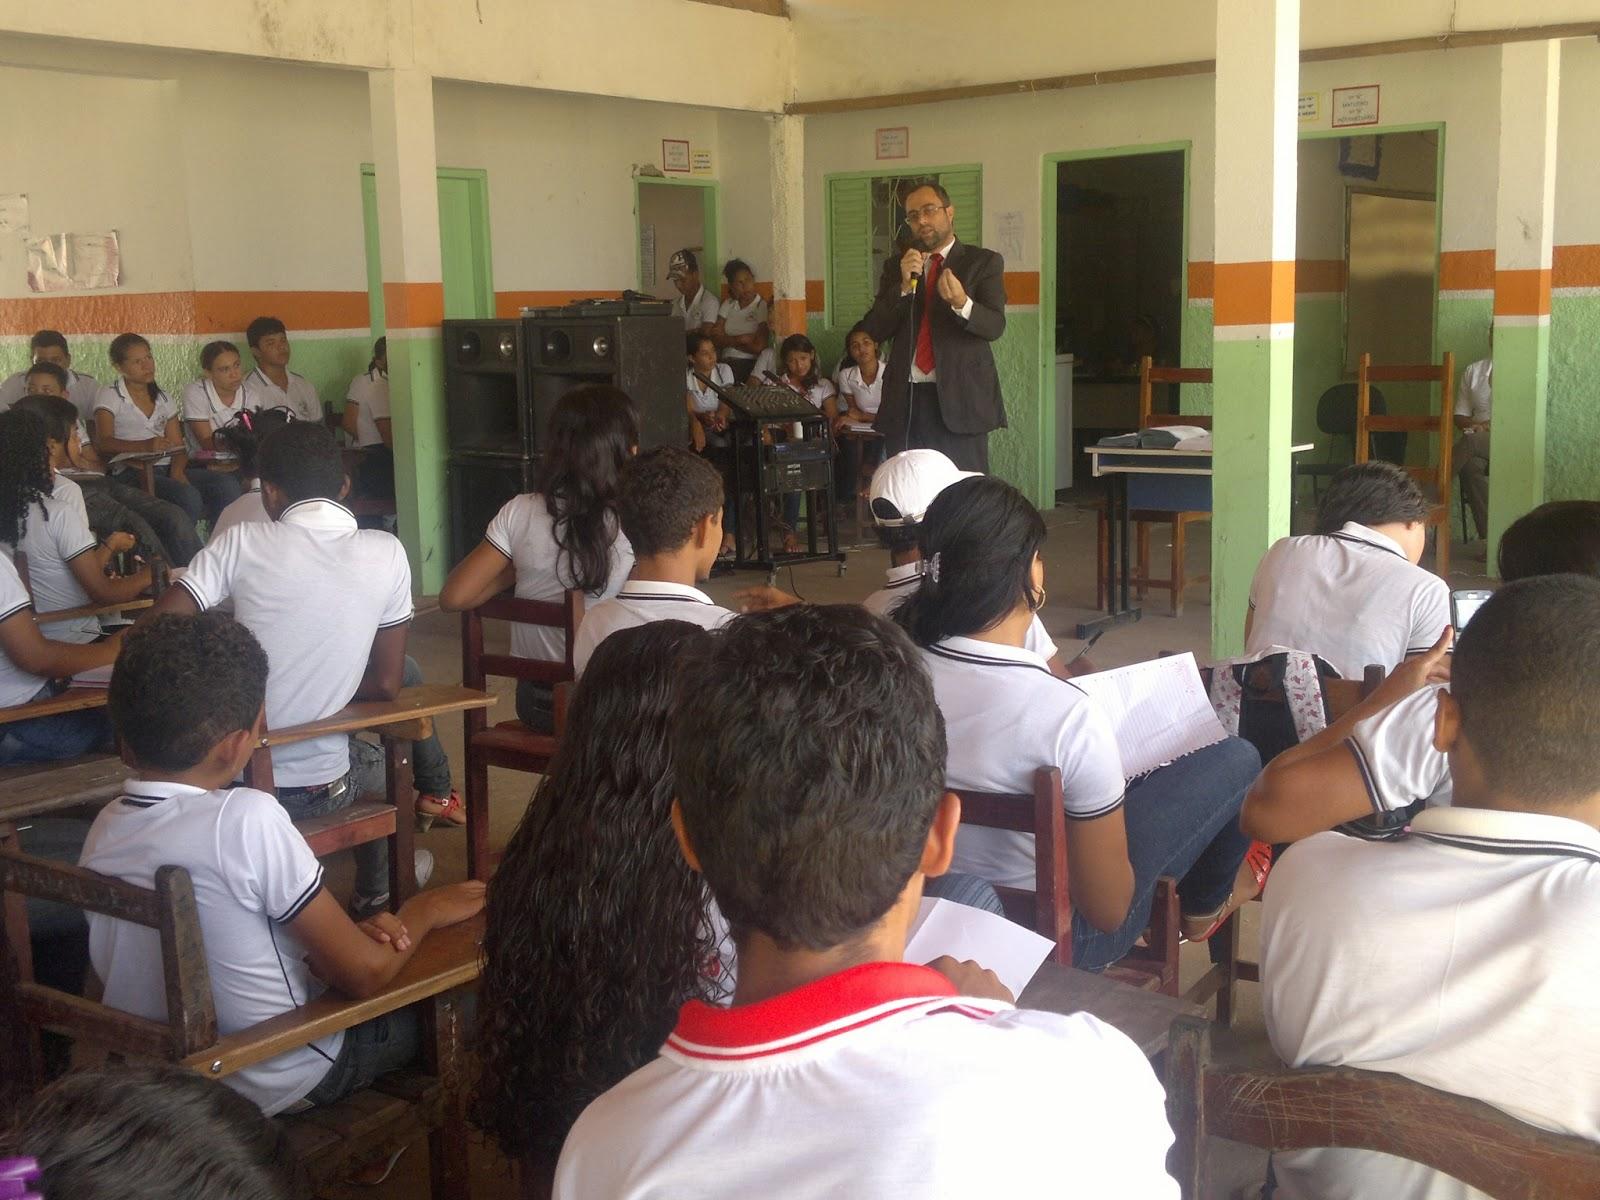 Dr. Celso em palestra recente para jovens - Foto extraída do blog: ofolheto10.blogspot.com.br/